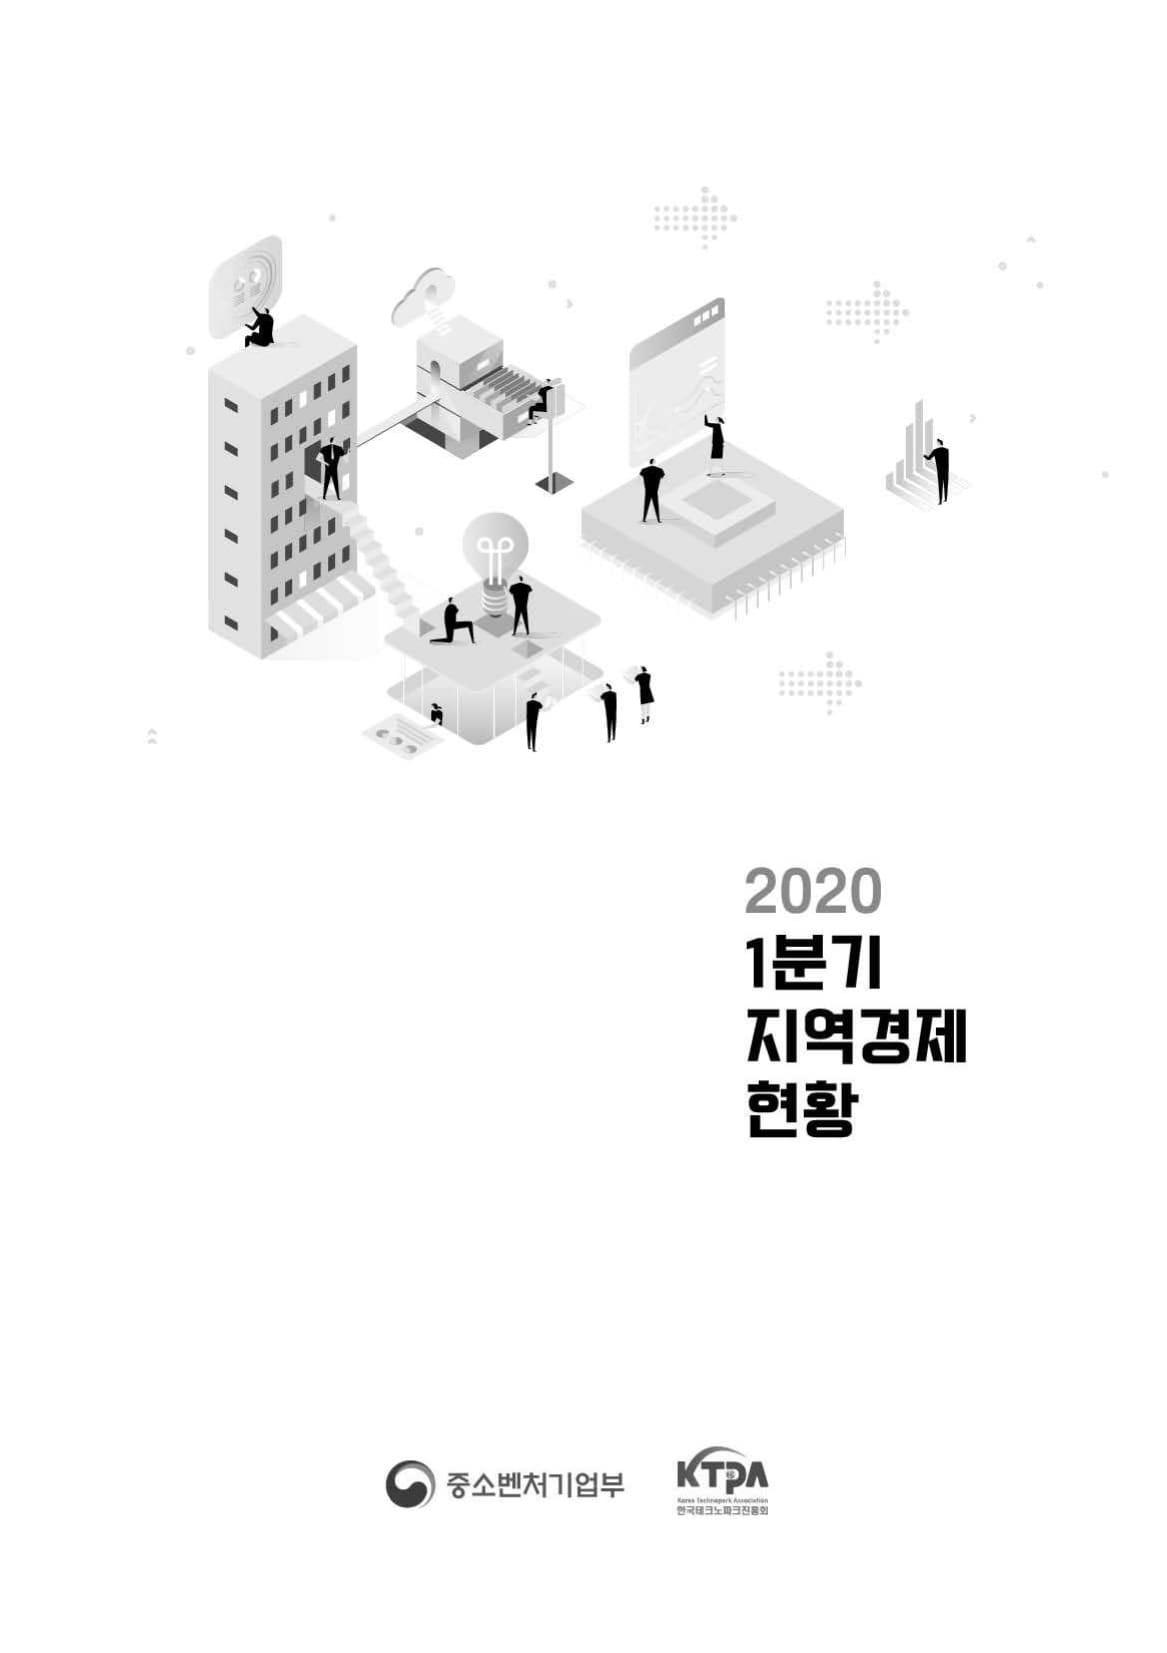 2020년 1분기 지역경제현황-01.jpg